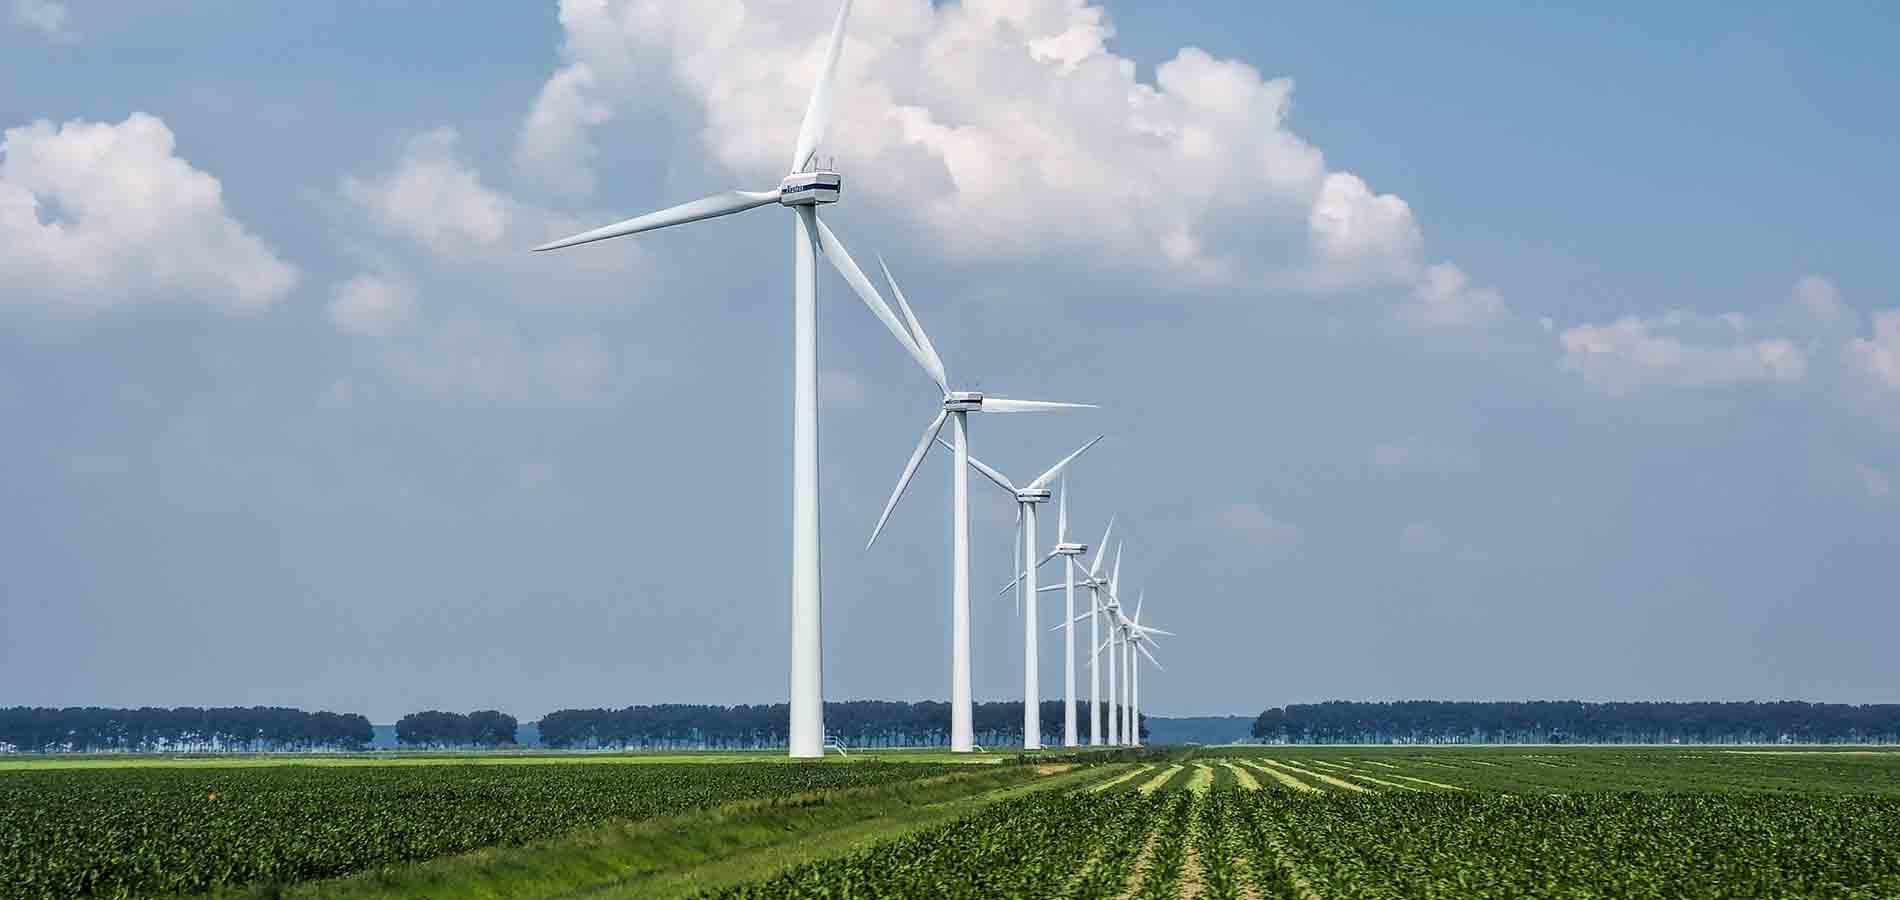 Medidas de seguridad en turbinas de energía eólica